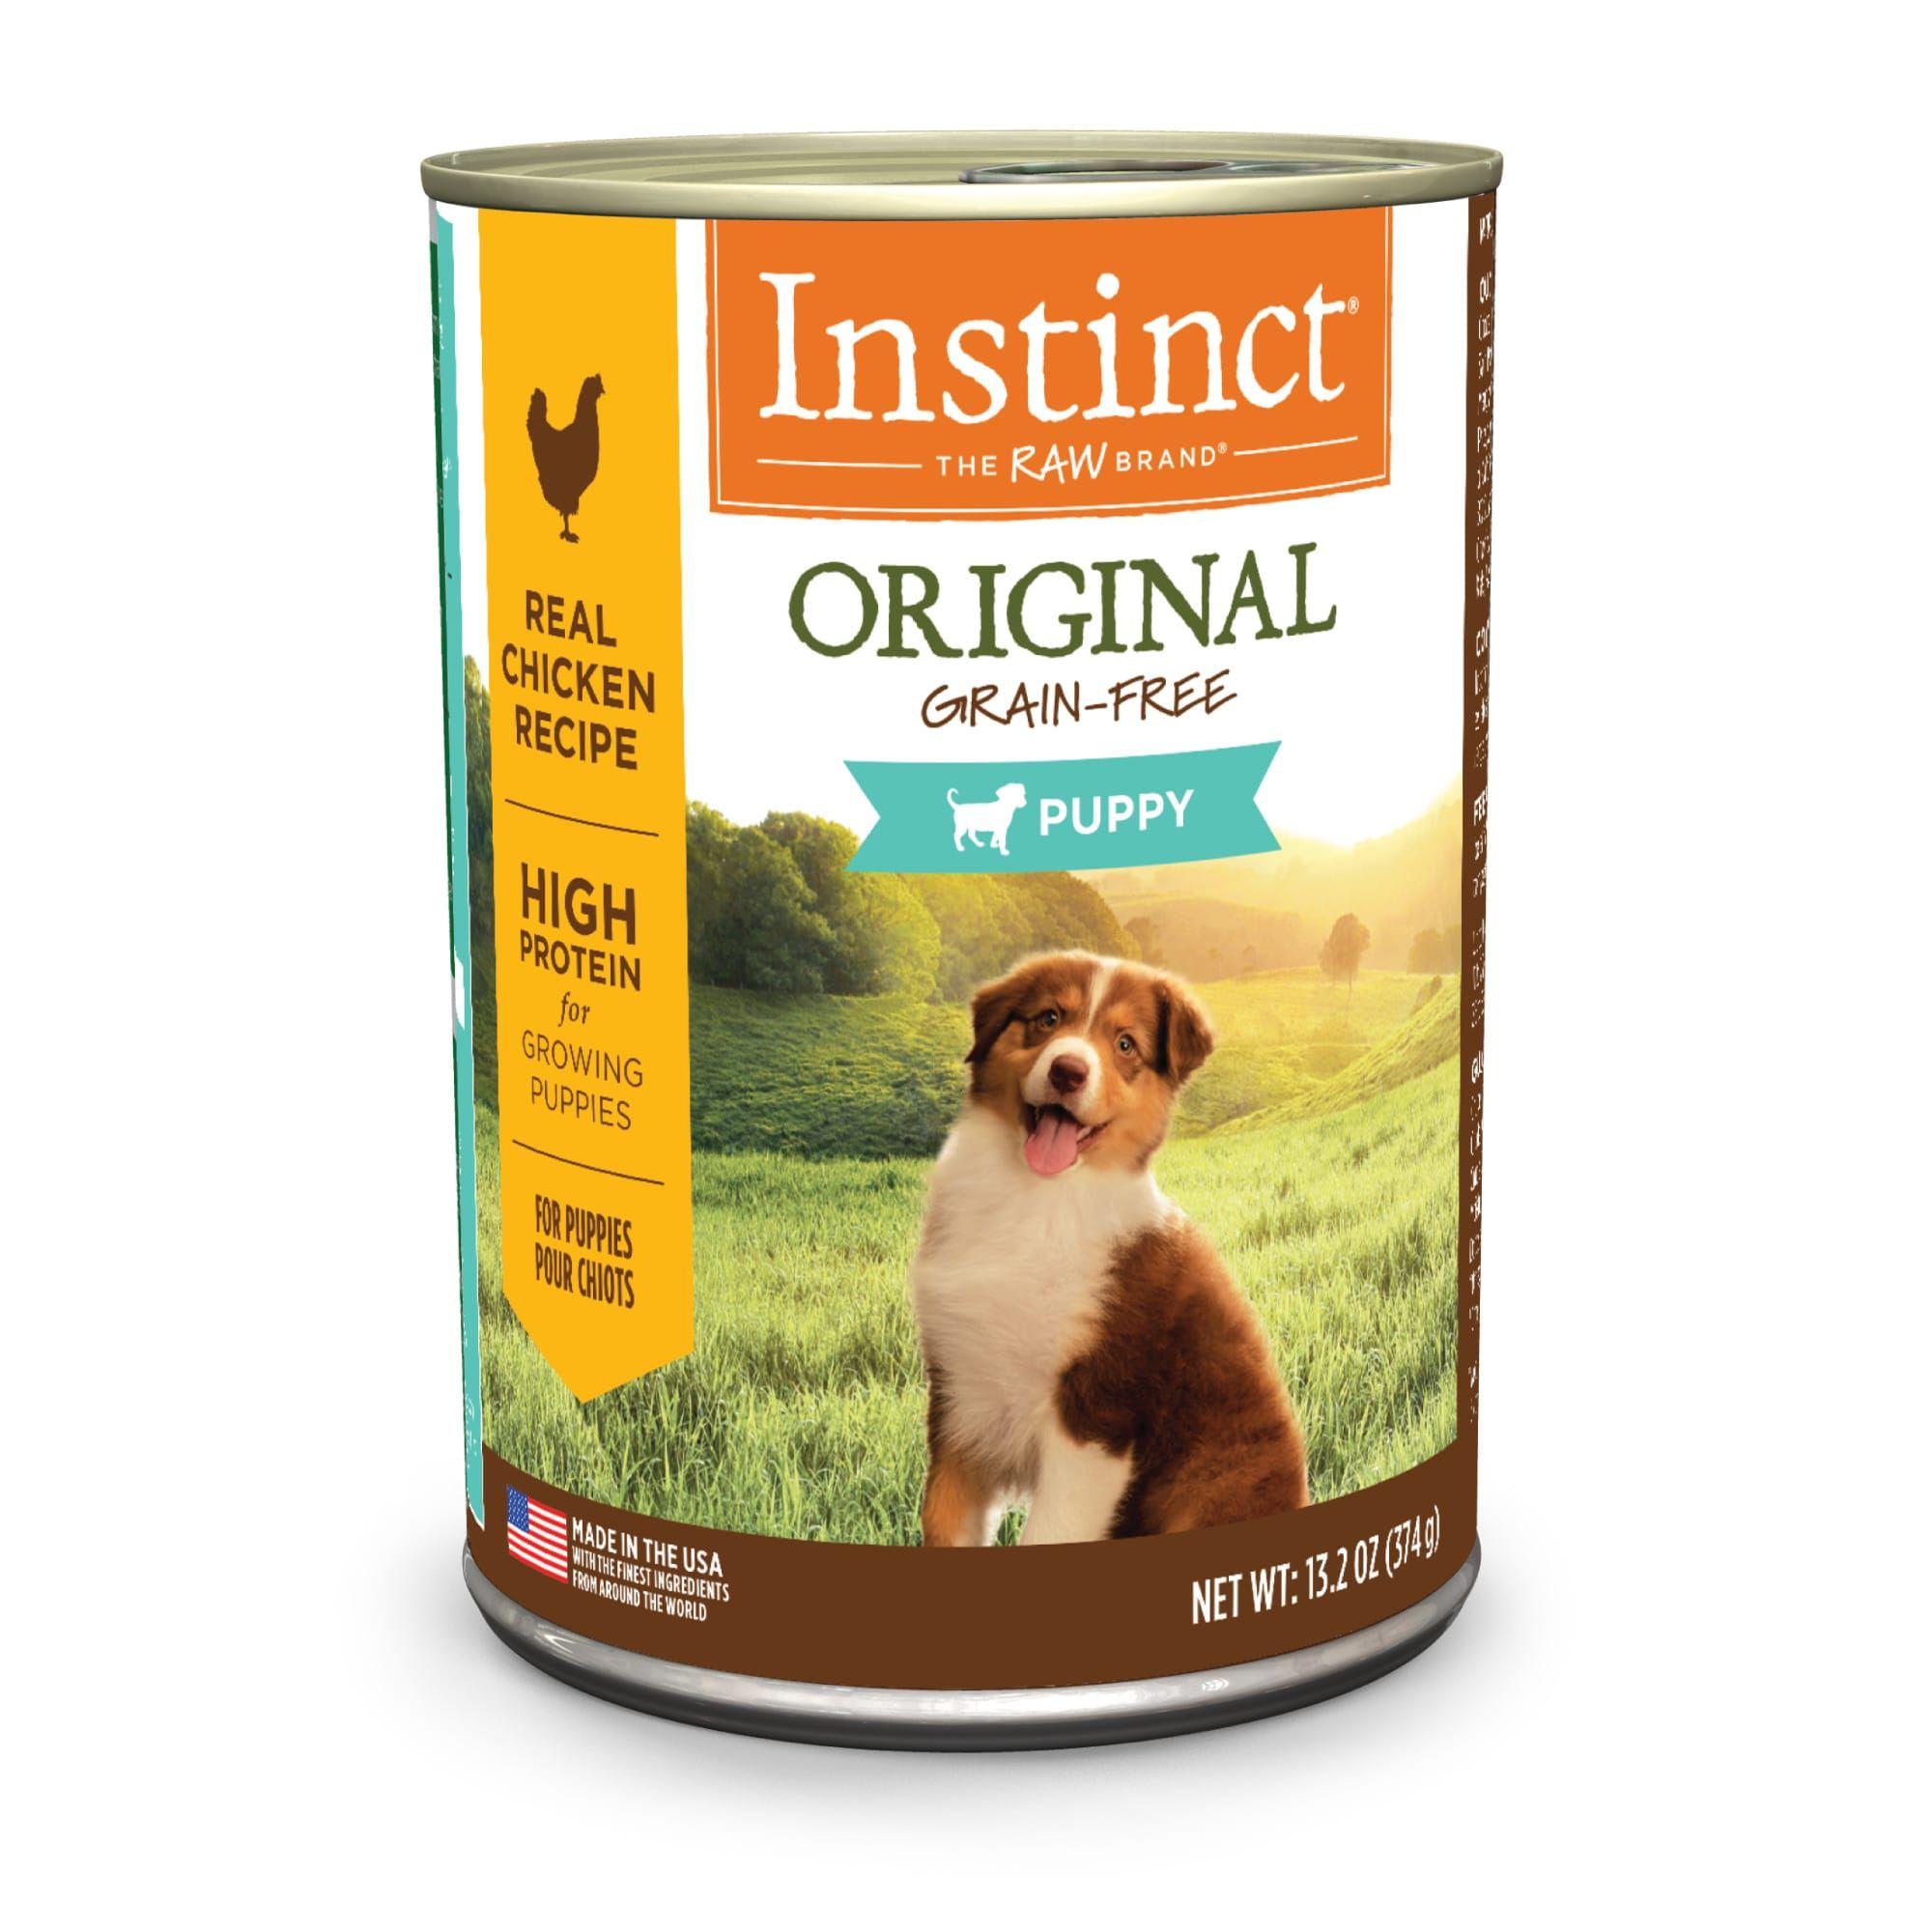 Instinct Original Grain Free Real Chicken Recipe Wet Canned Puppy